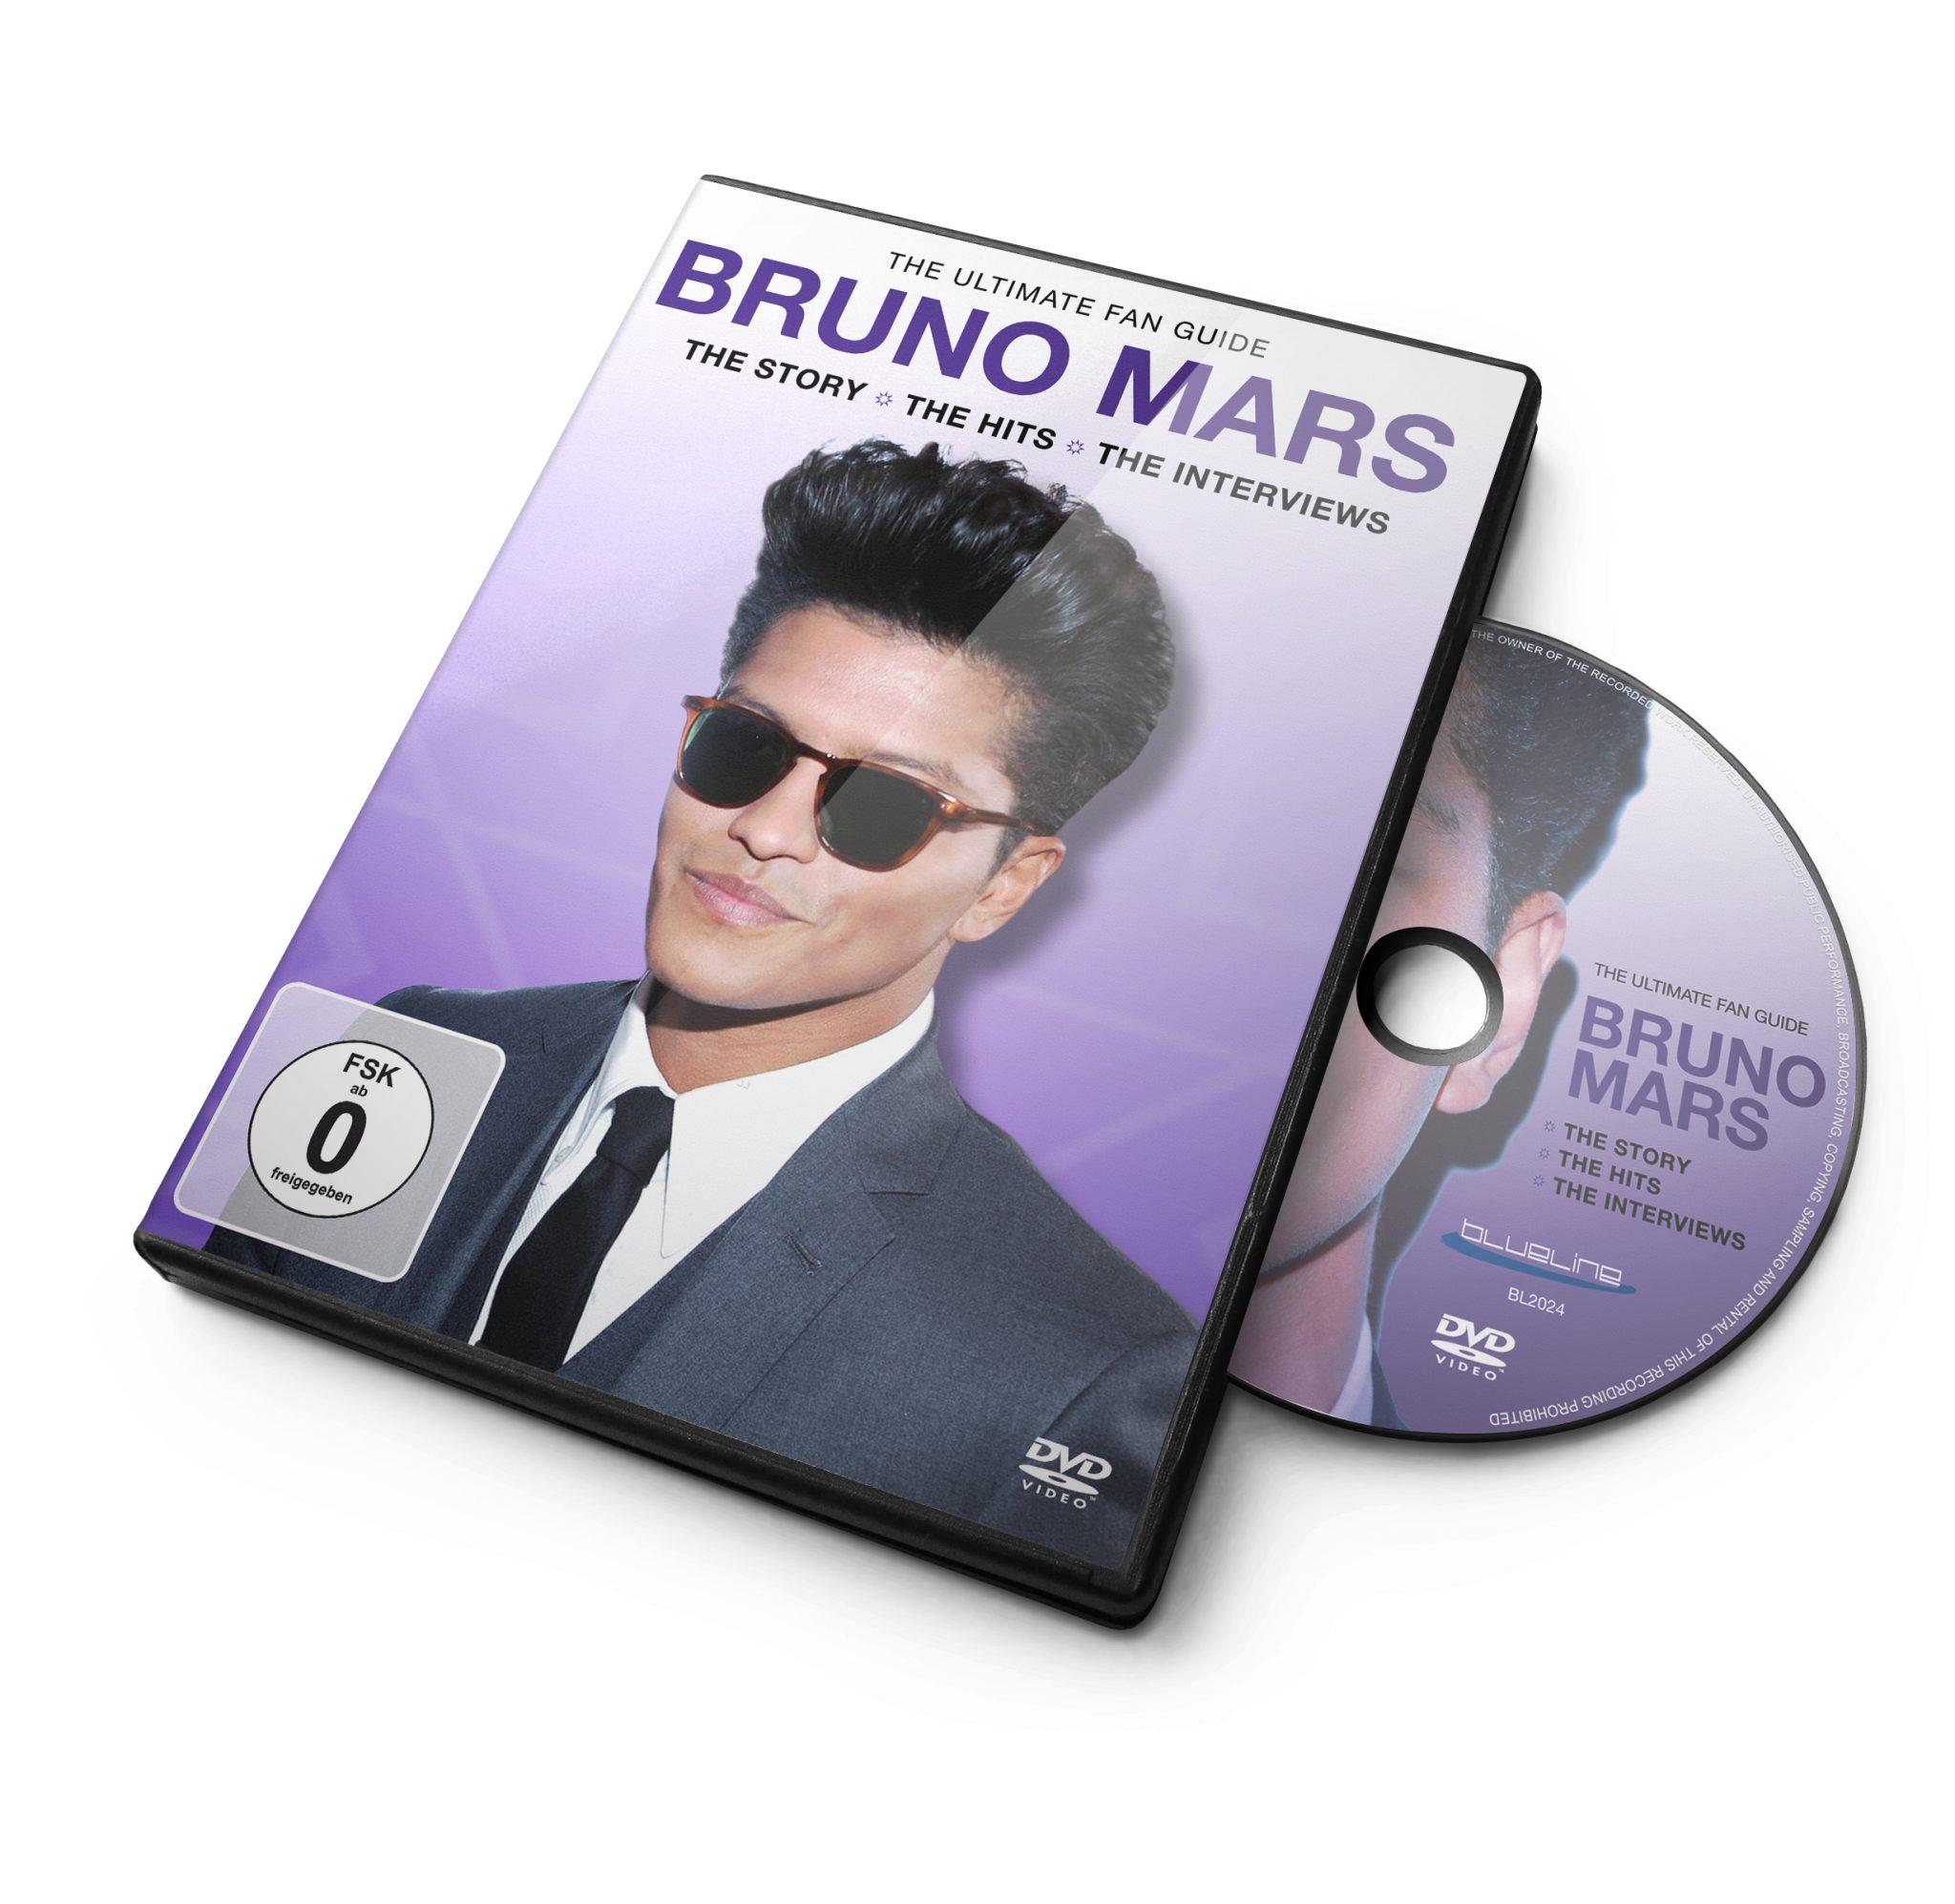 bruno mars-fan guide_dvd